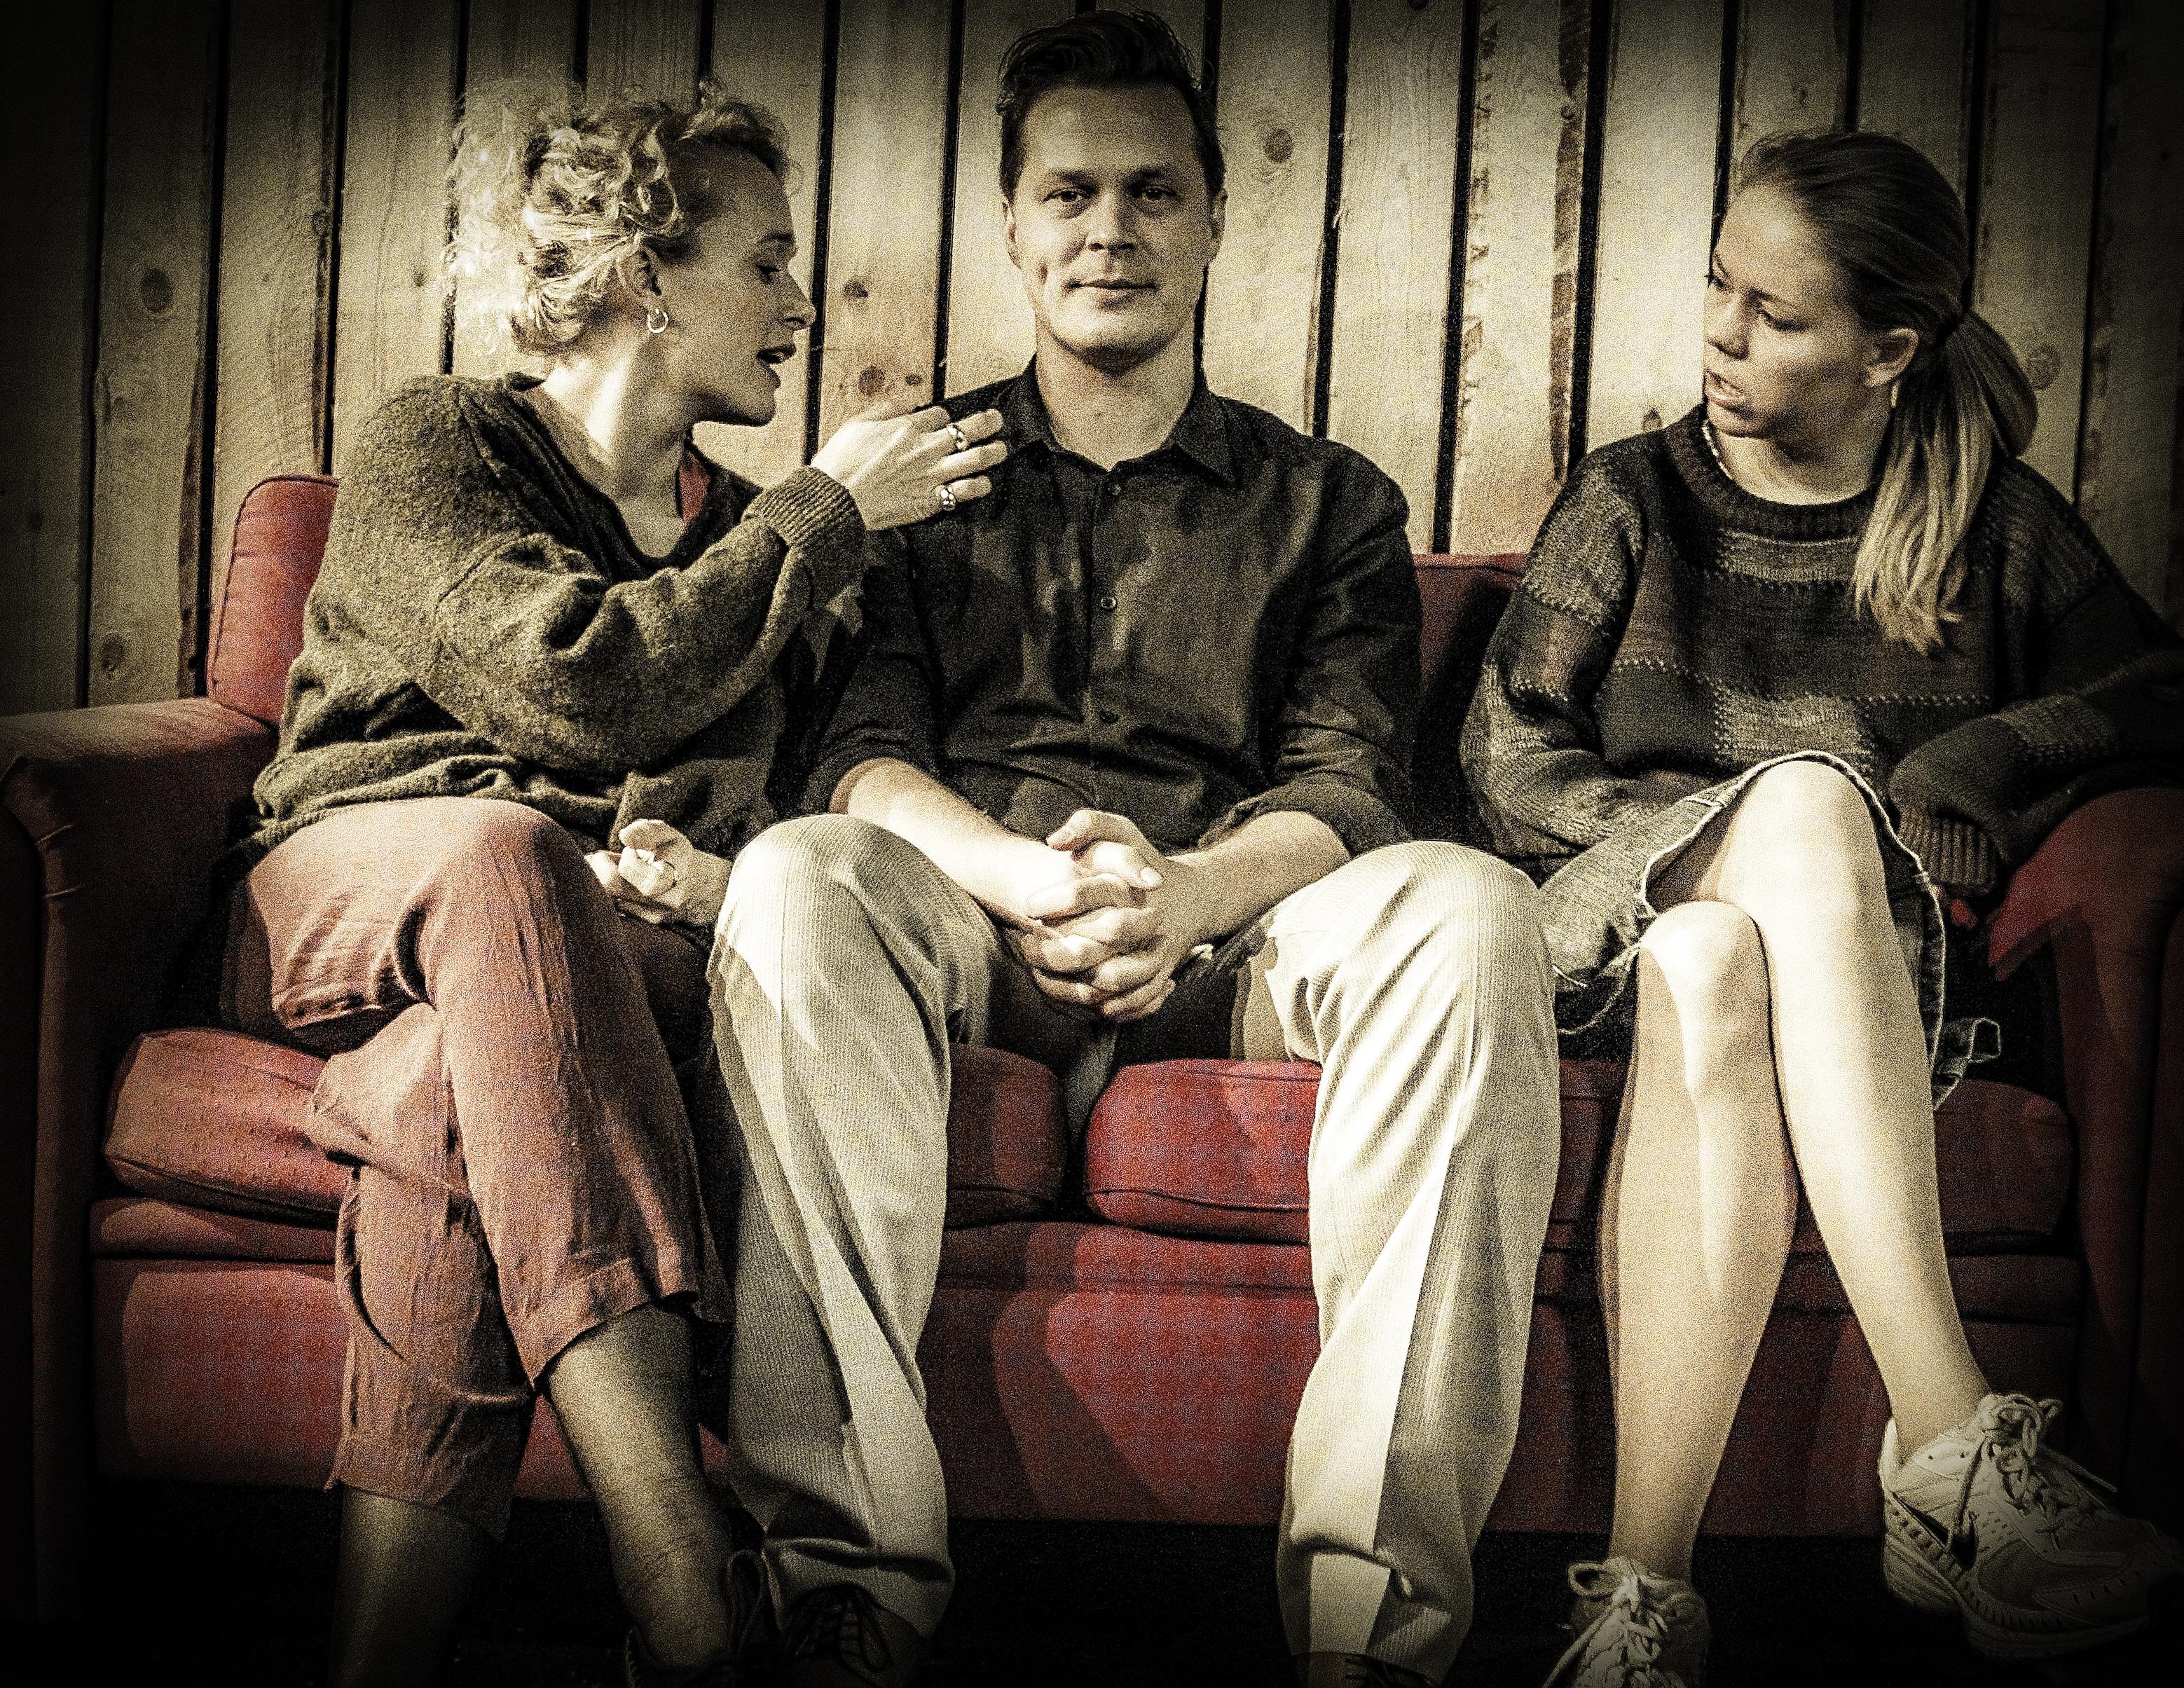 Anmeldelse: Det testikelløse samfund, Teater Får302 (Klub Canasta)